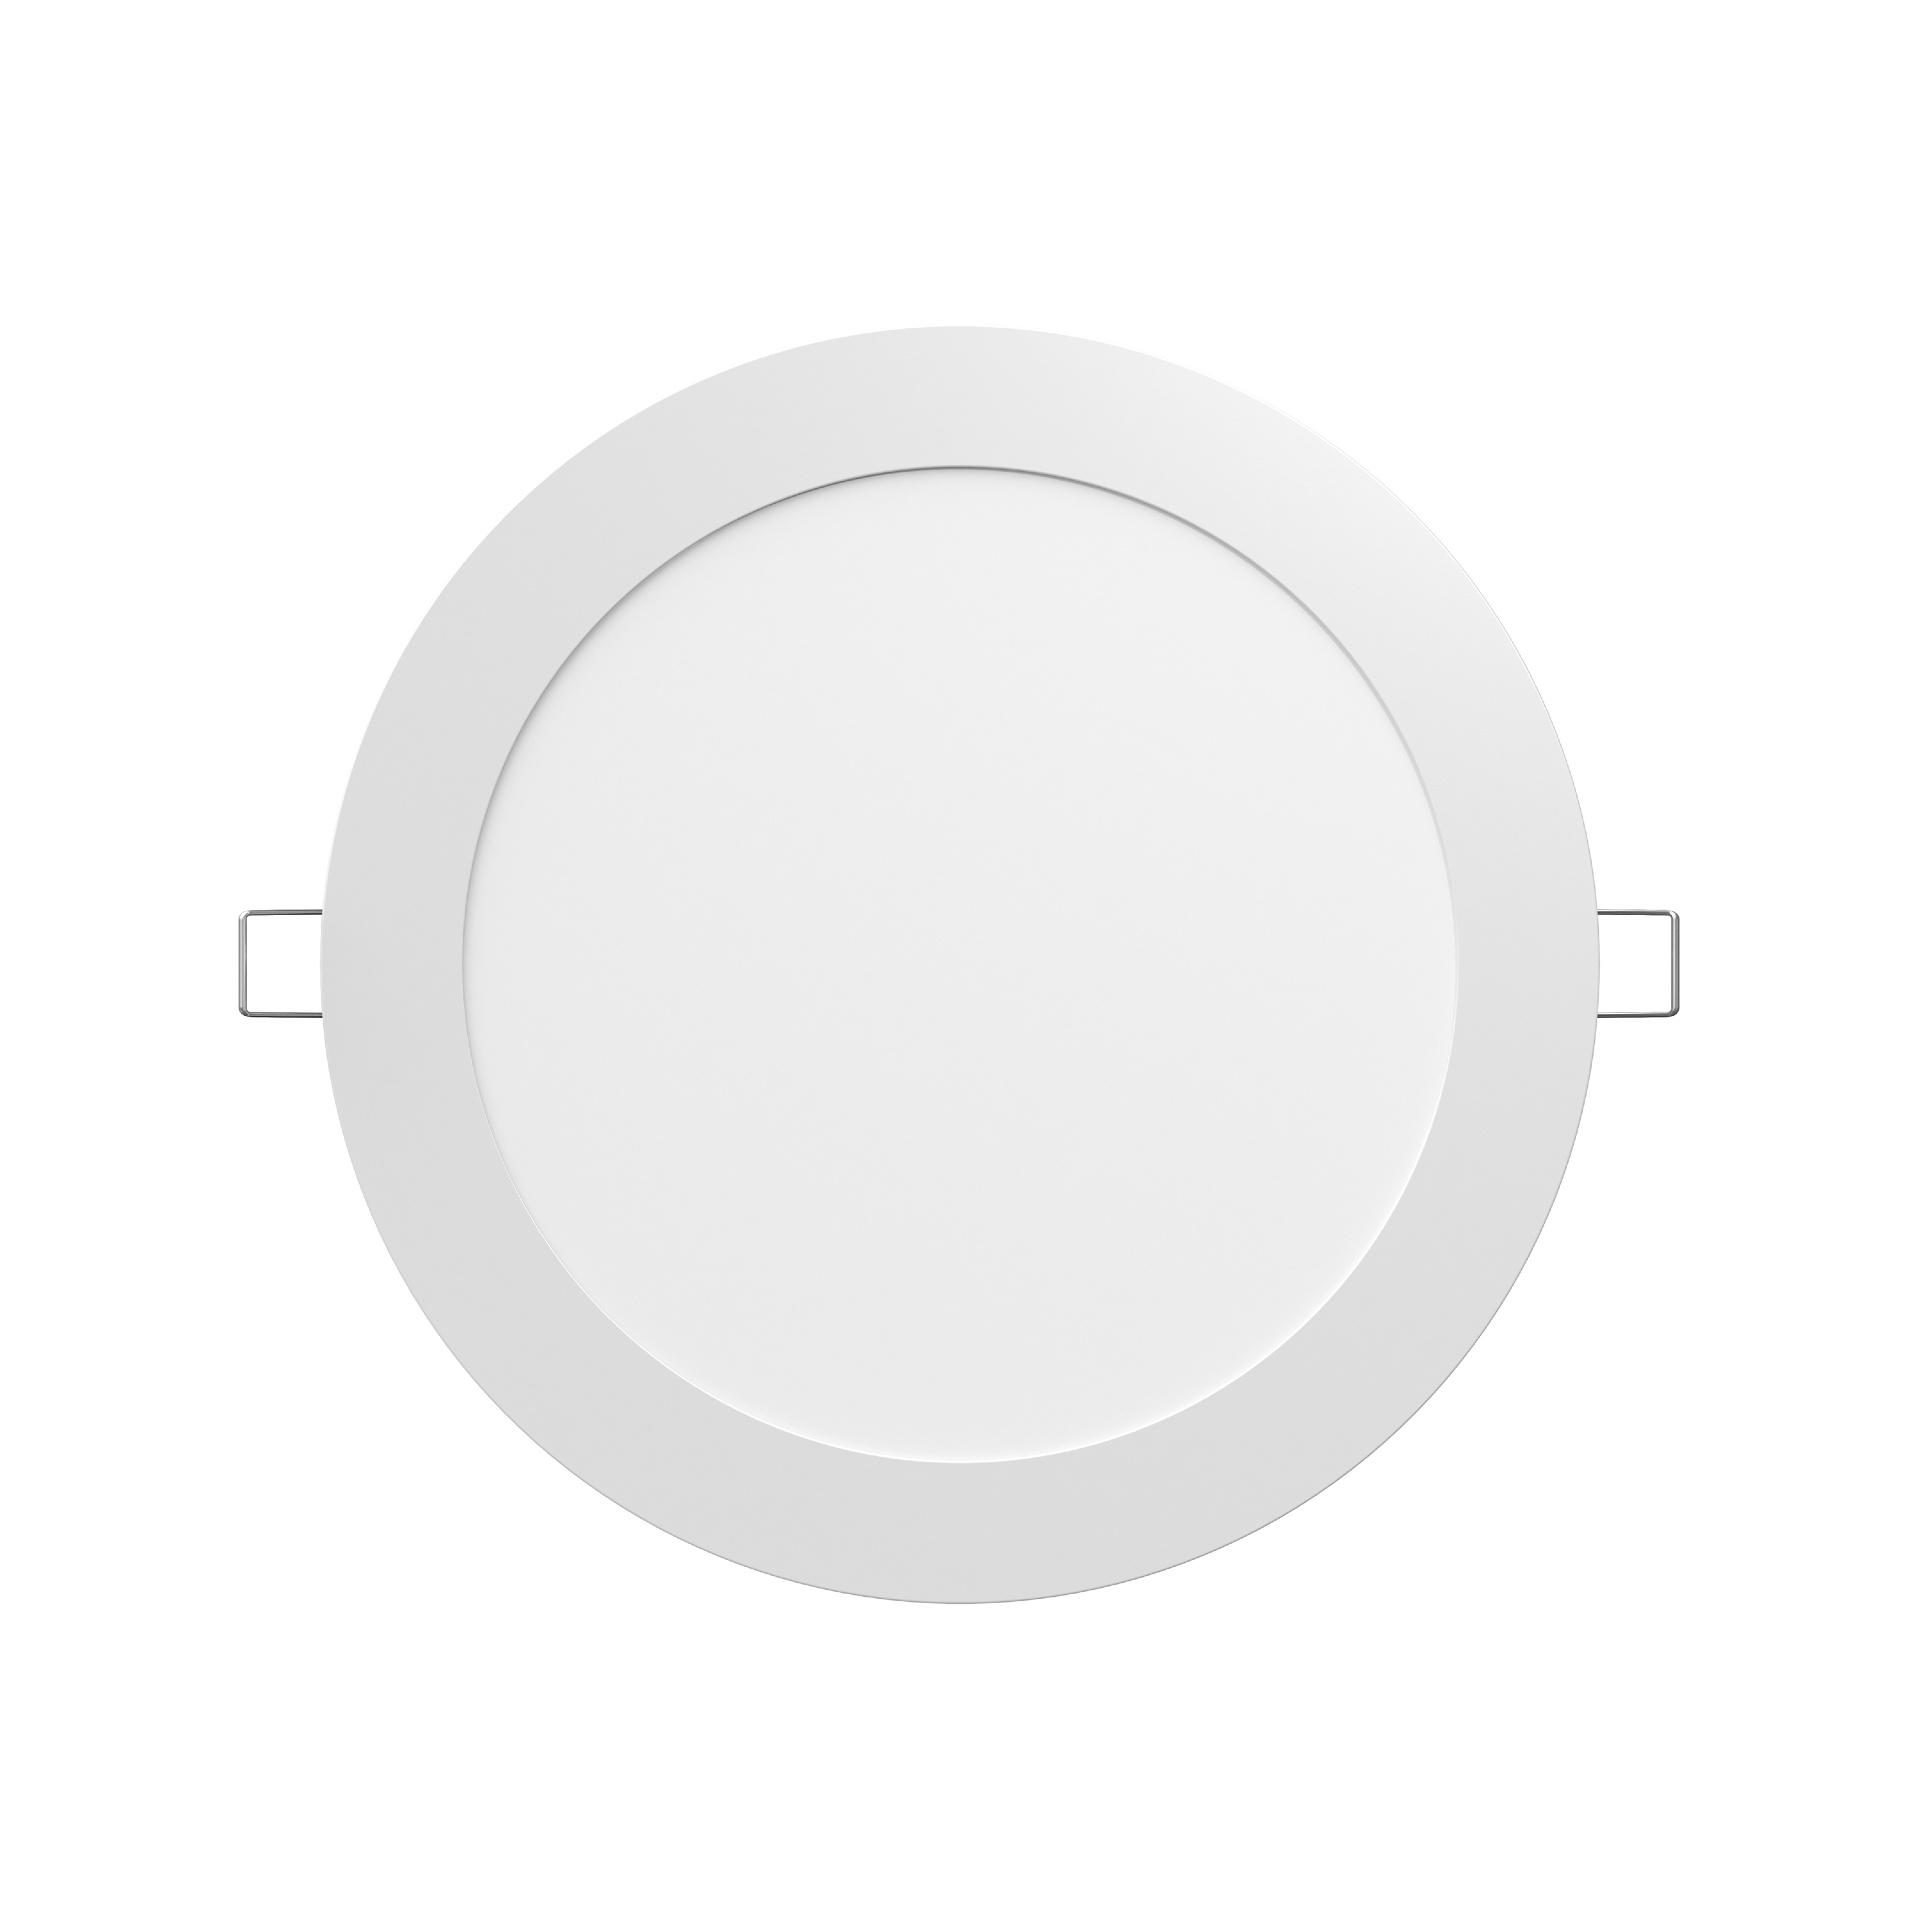 Luminária Ledvance Insert 18W/865 Redonda 100-240V Osram